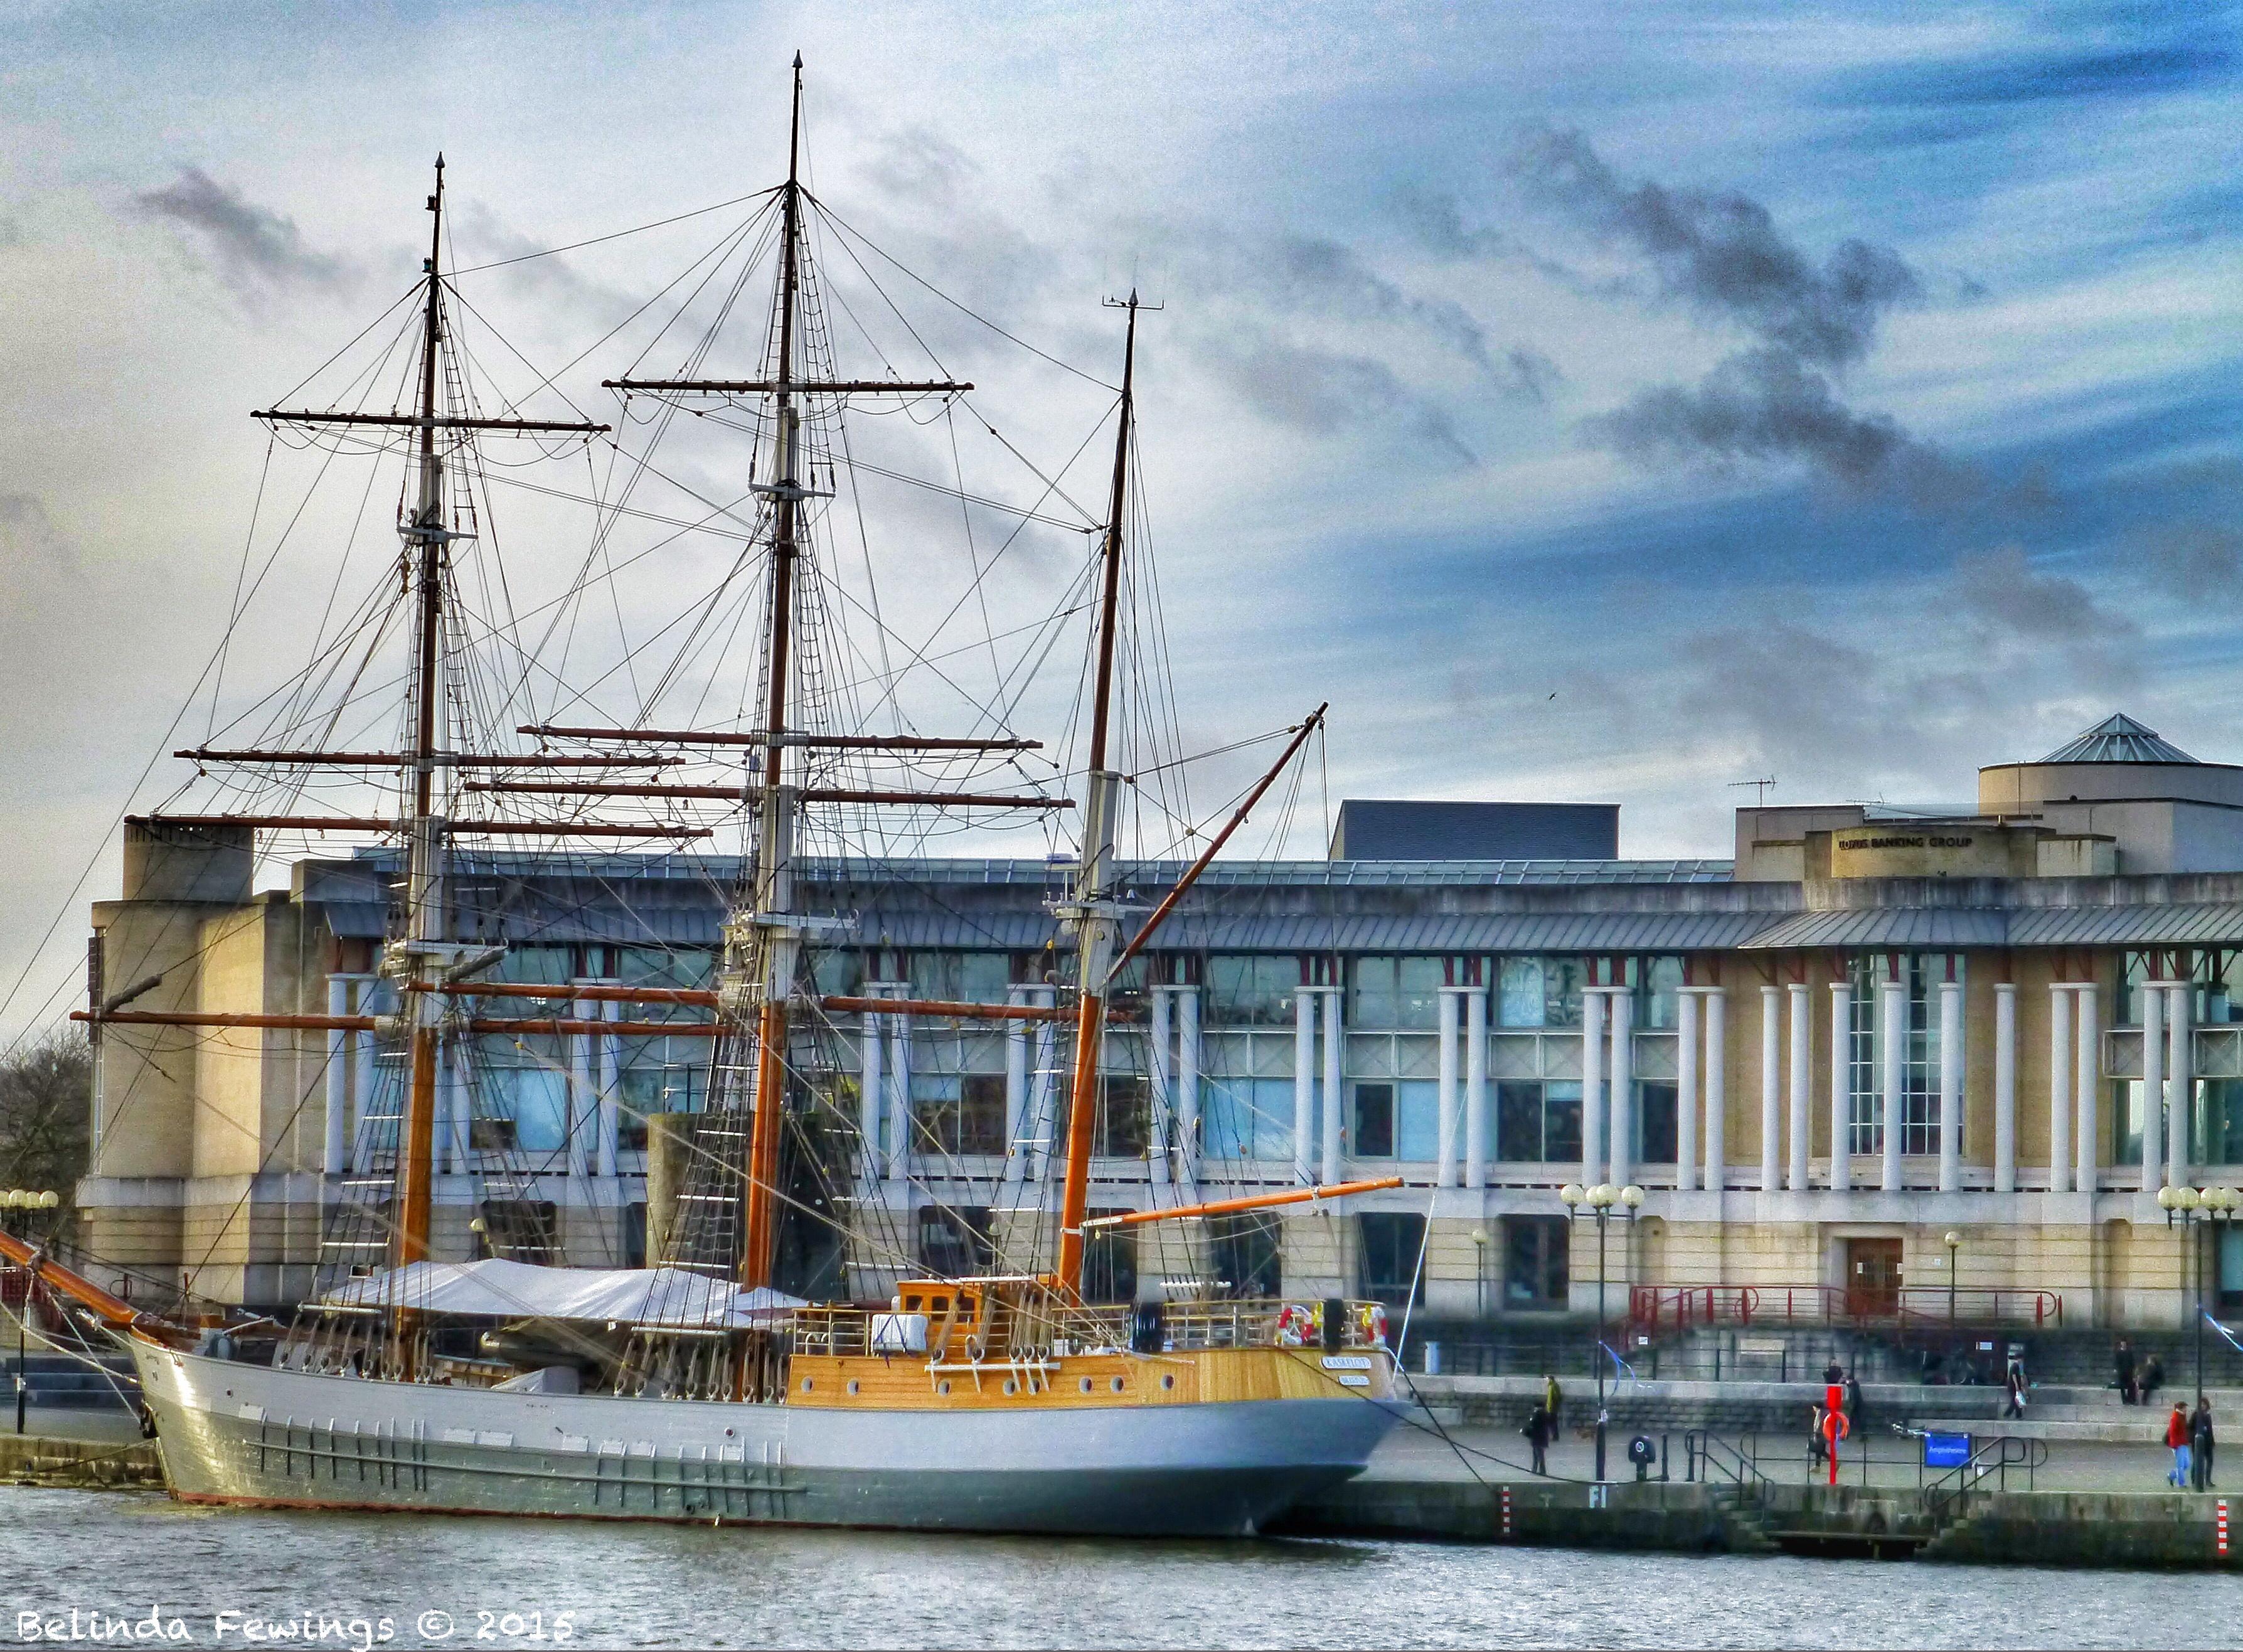 Wallpaper : kapal yang tinggi, Kapal layar, barque, air